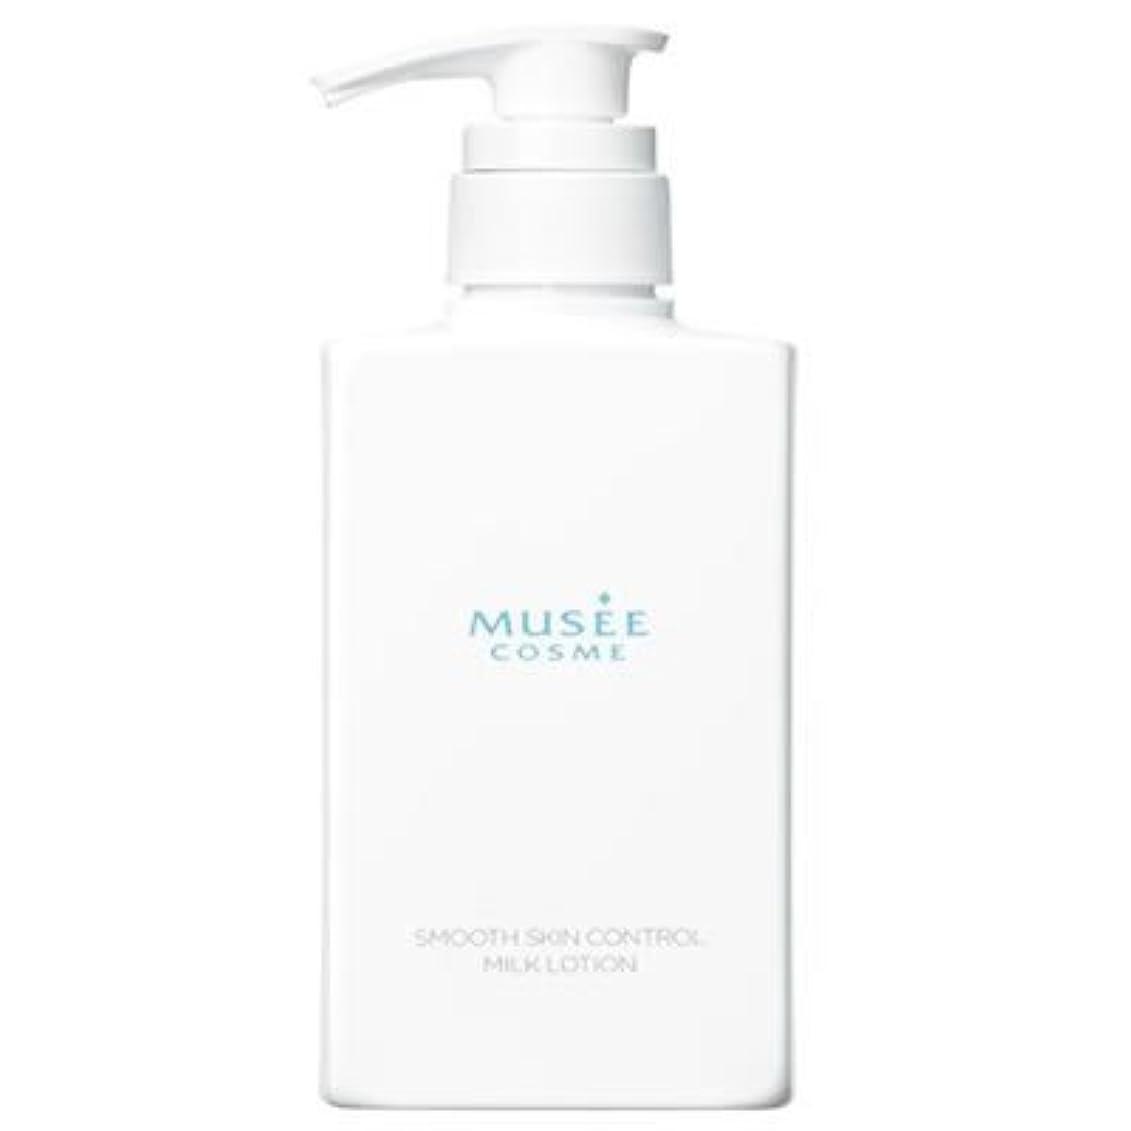 神話信号いっぱいミュゼ 薬用スムーススキンコントロールミルクローション 300ml ホワイトジャスミンの香り [並行輸入品]